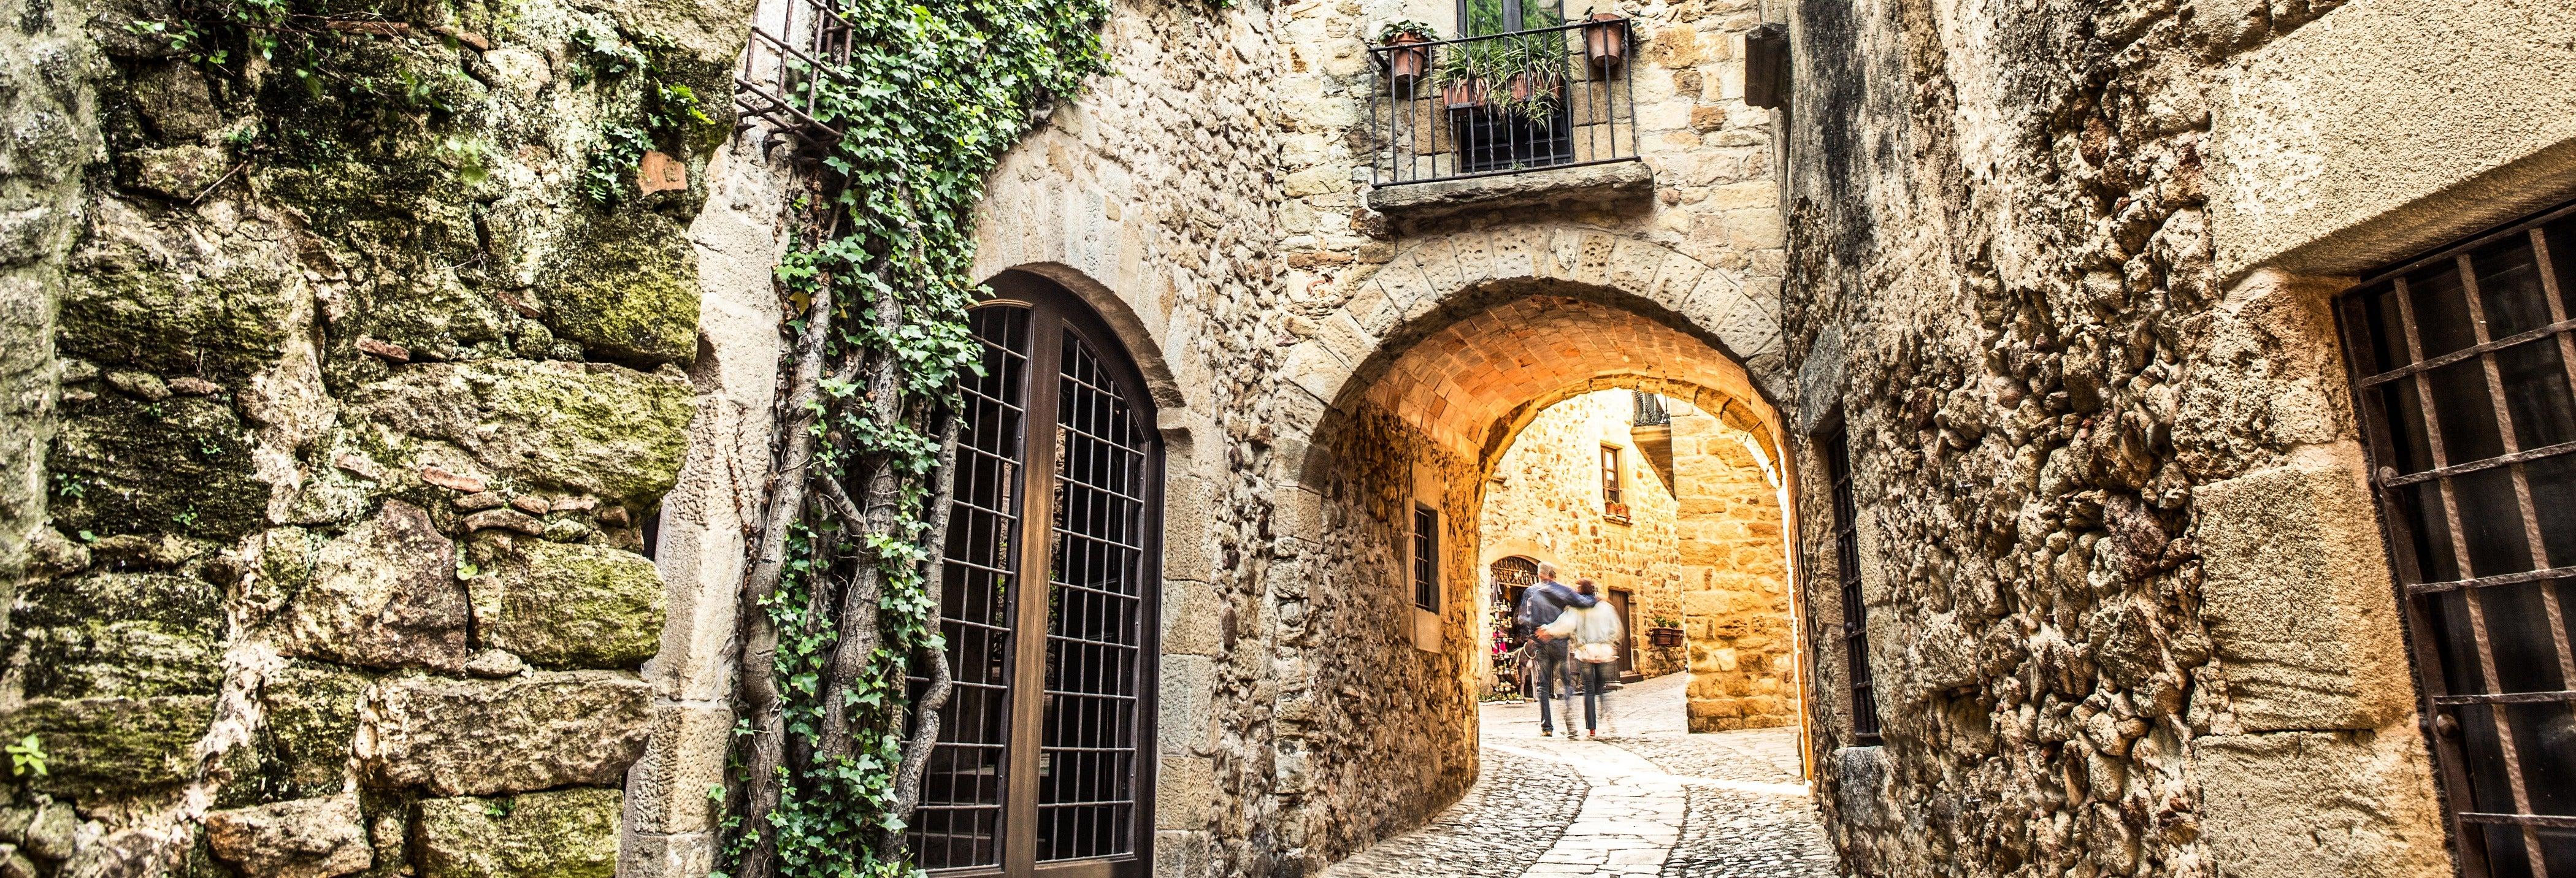 Excursão a Girona + Degustação de vinhos